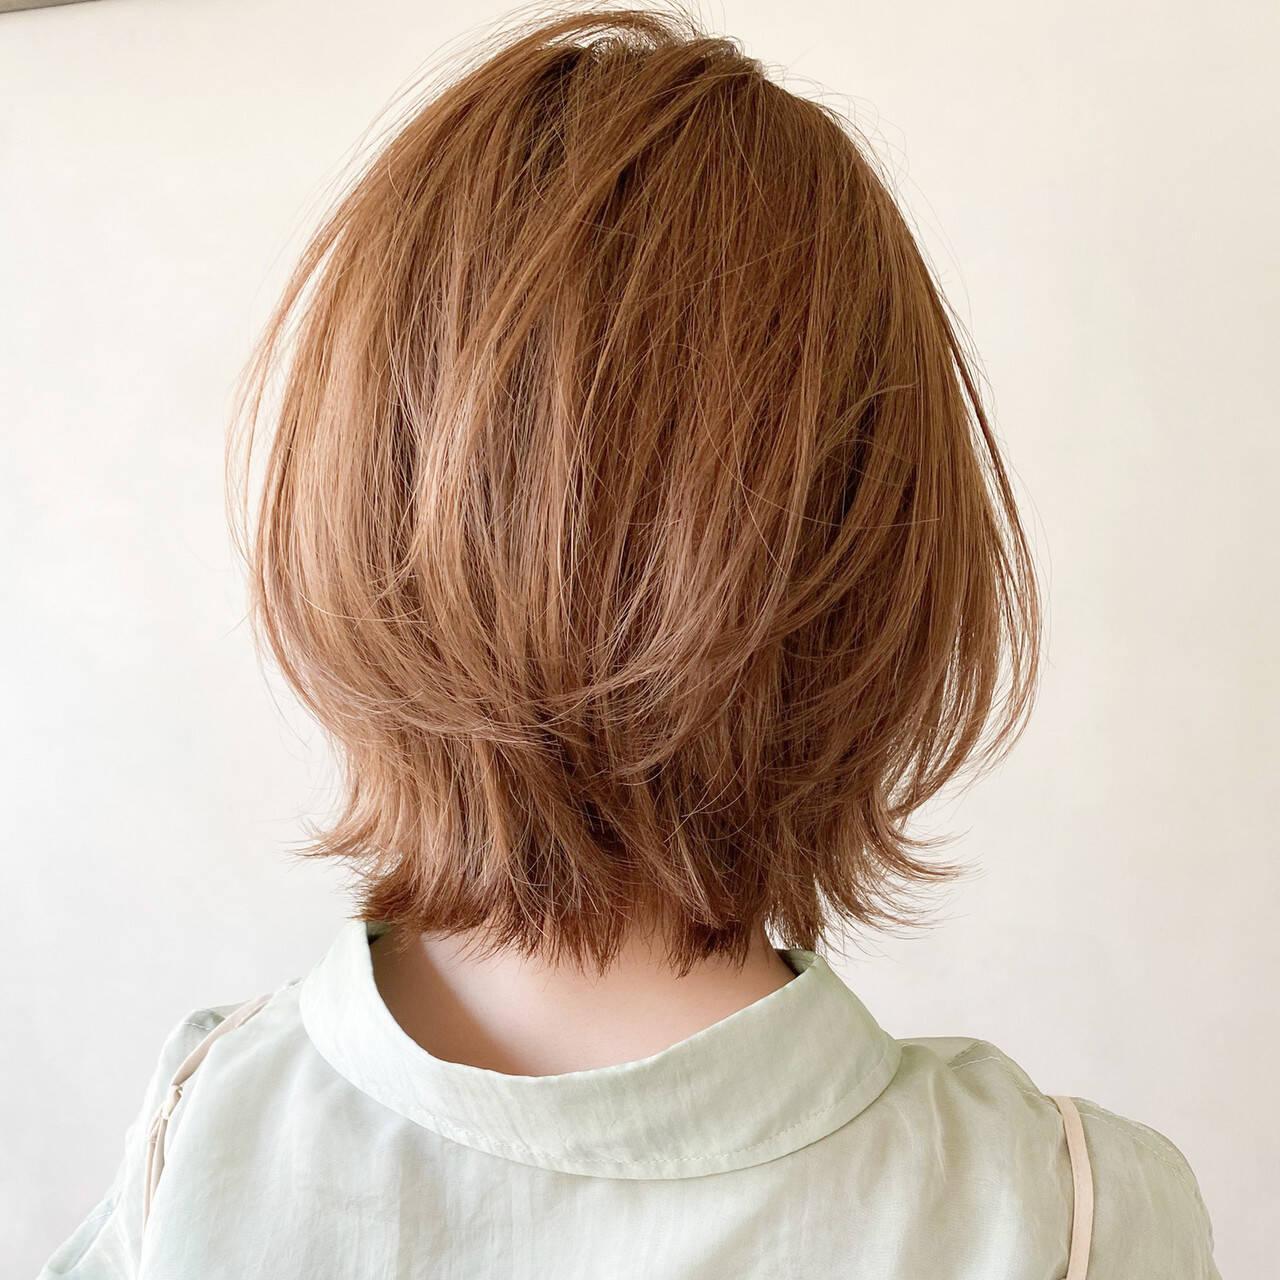 ボブ ナチュラル アンニュイほつれヘア 大人かわいいヘアスタイルや髪型の写真・画像